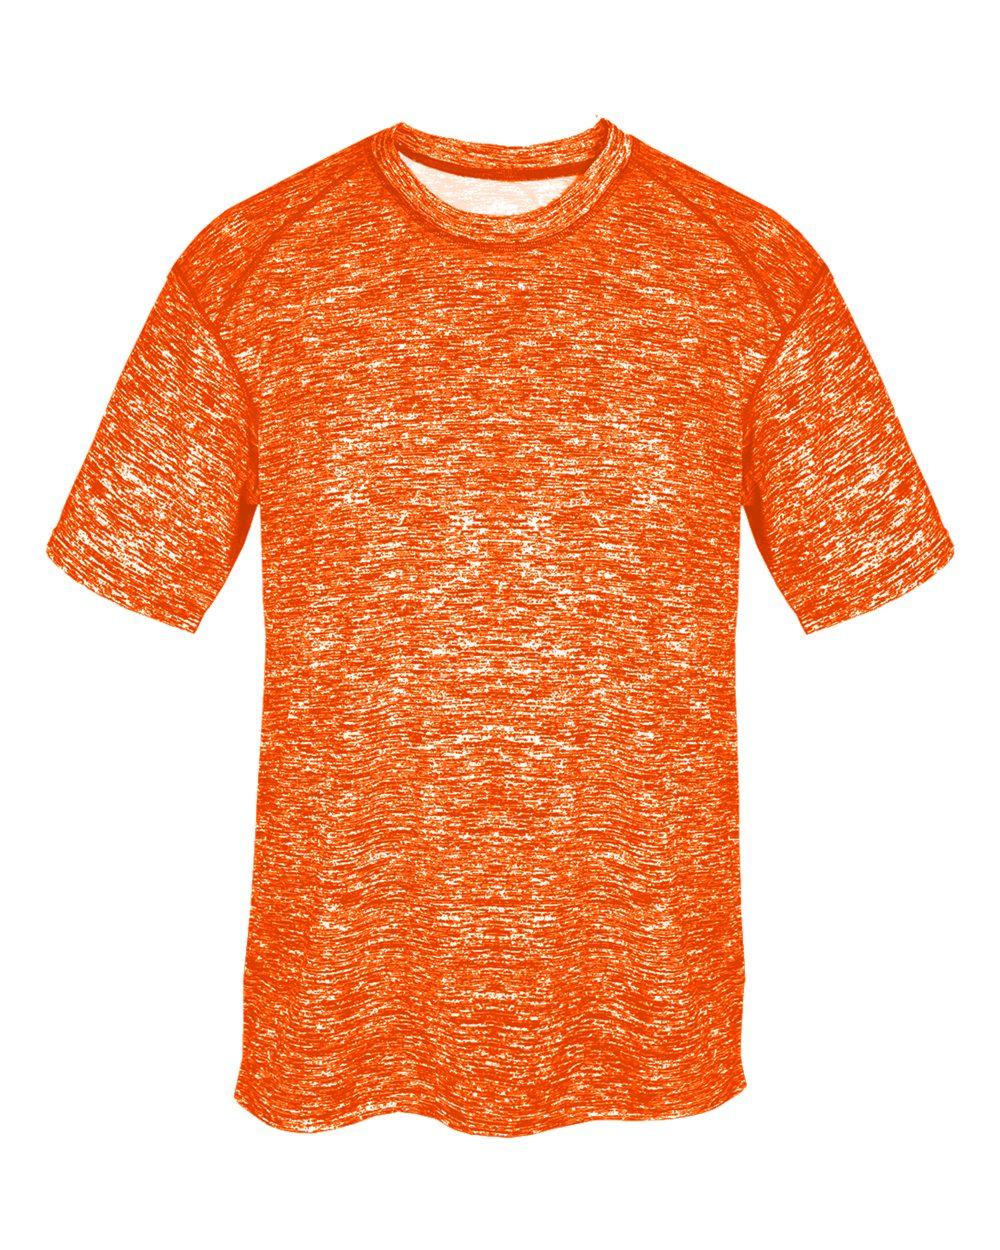 Burnt Orange Blend